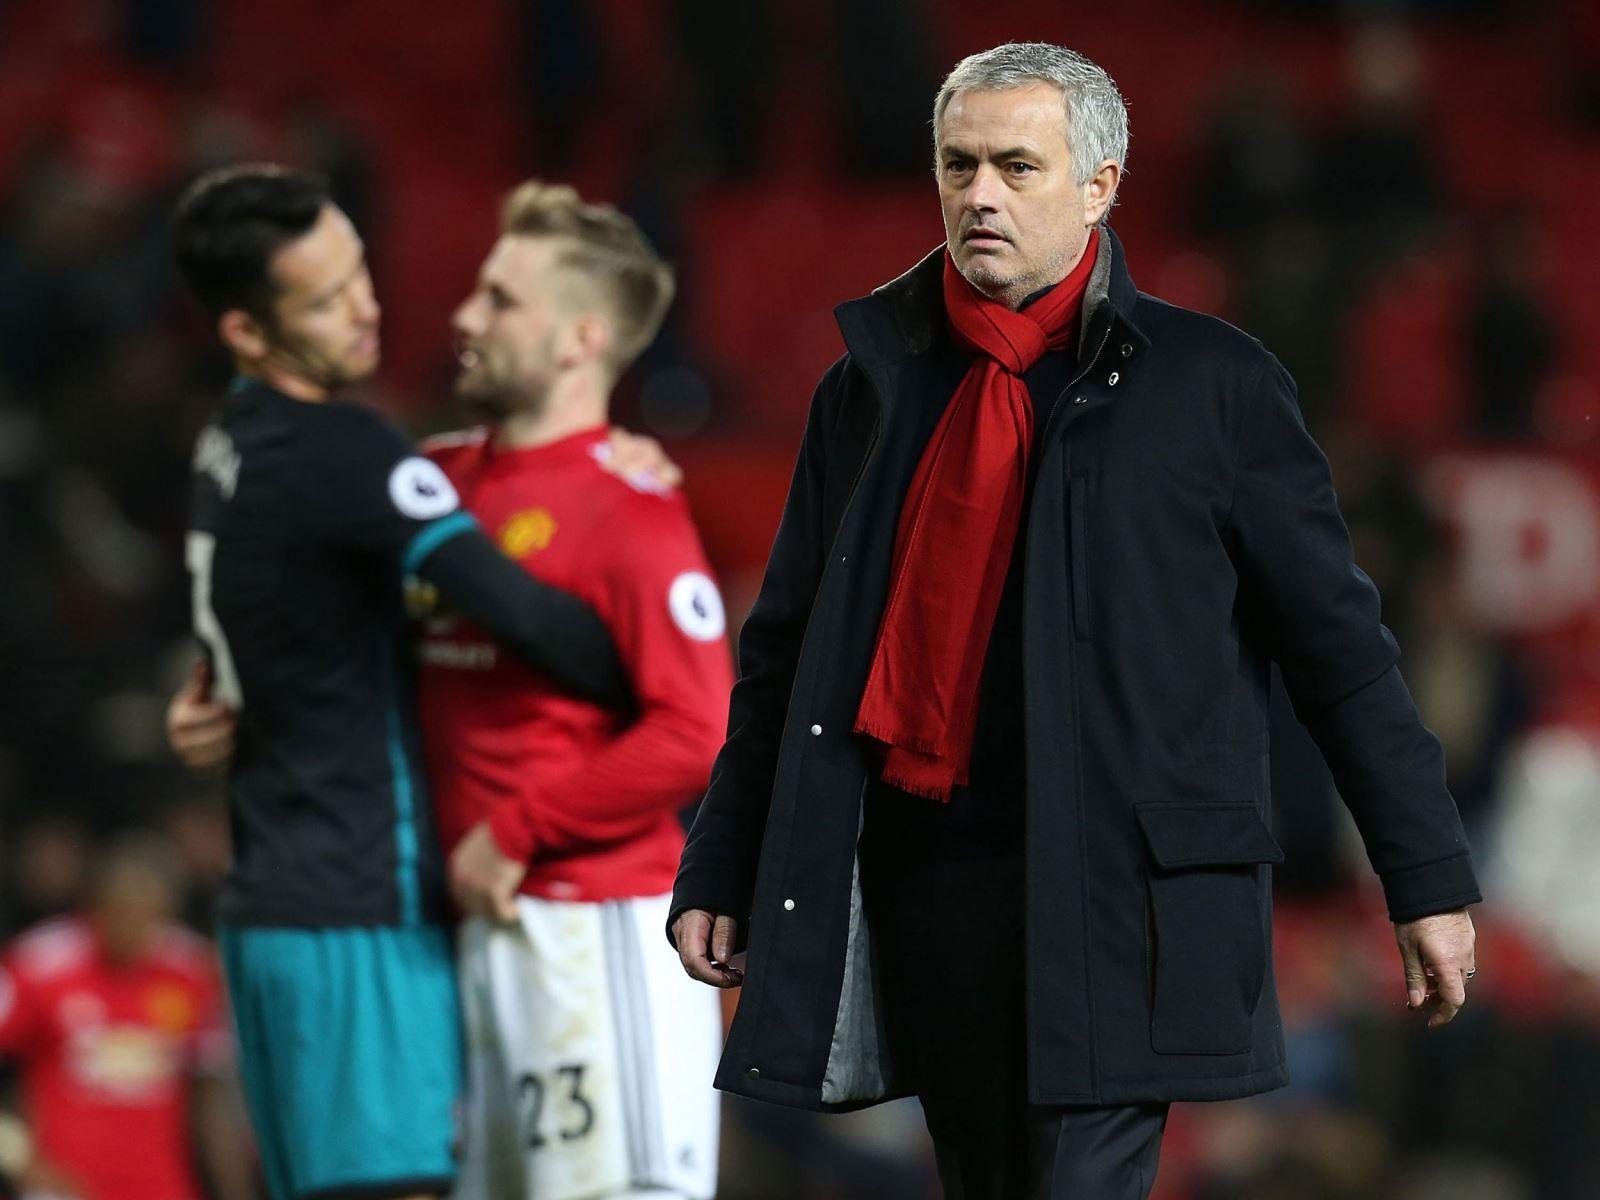 Mourinho dù đúng hay sai, cãi nhau với huyền thoại M.U là chỉ có... thiệt